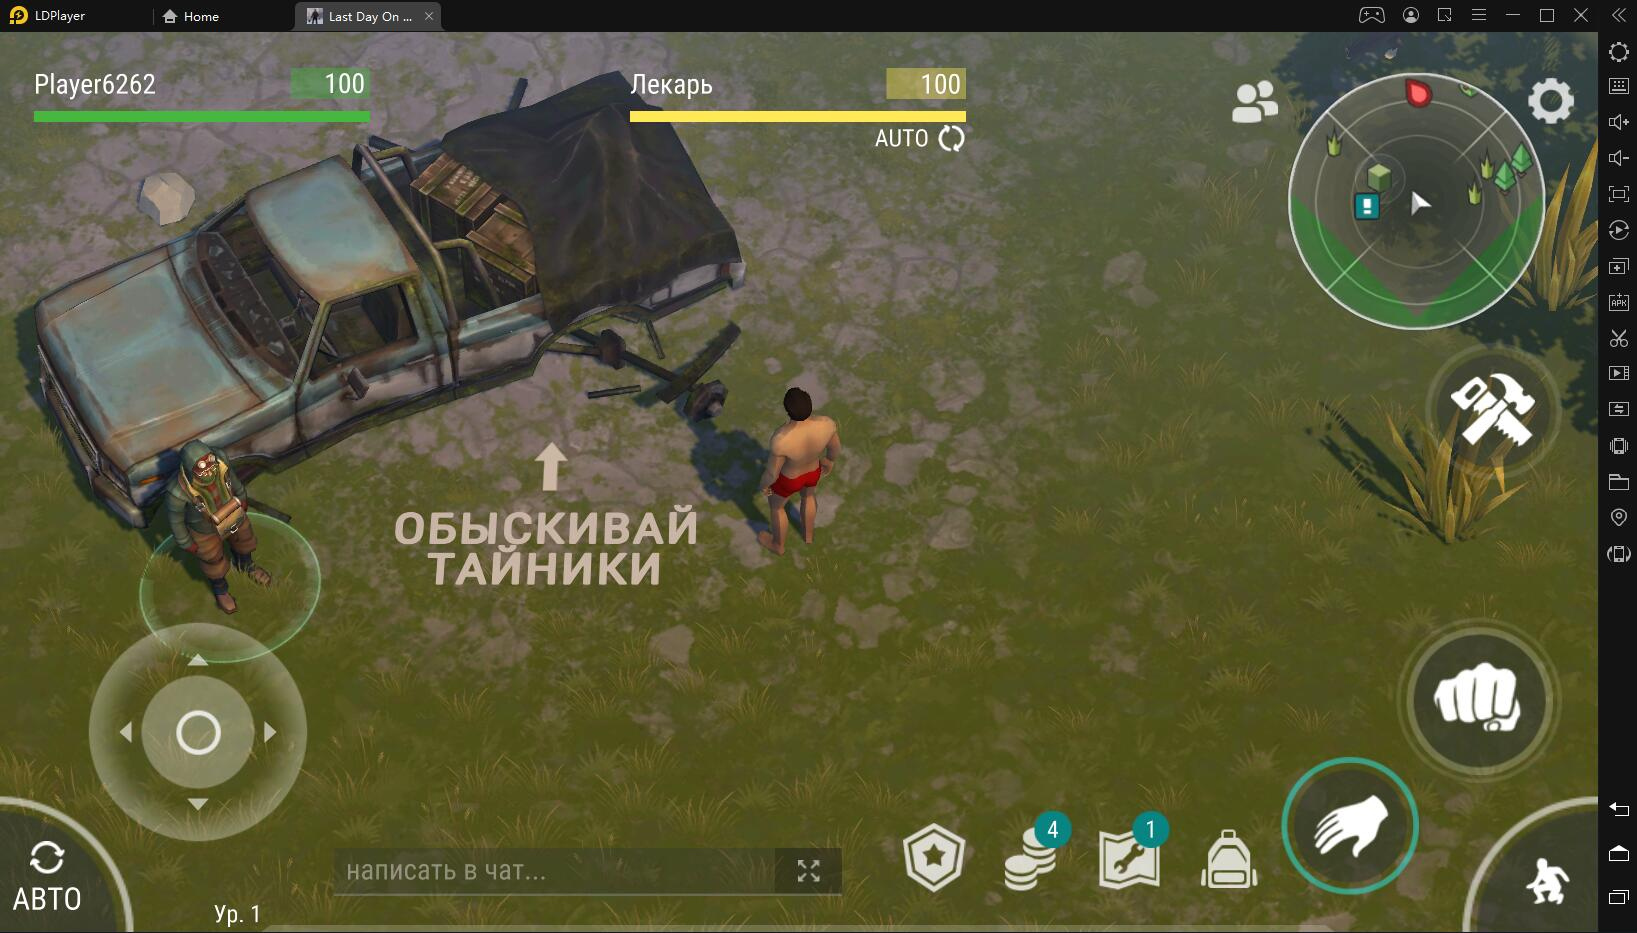 Играть в Last Day on Earth: Survival бесплатно на пк